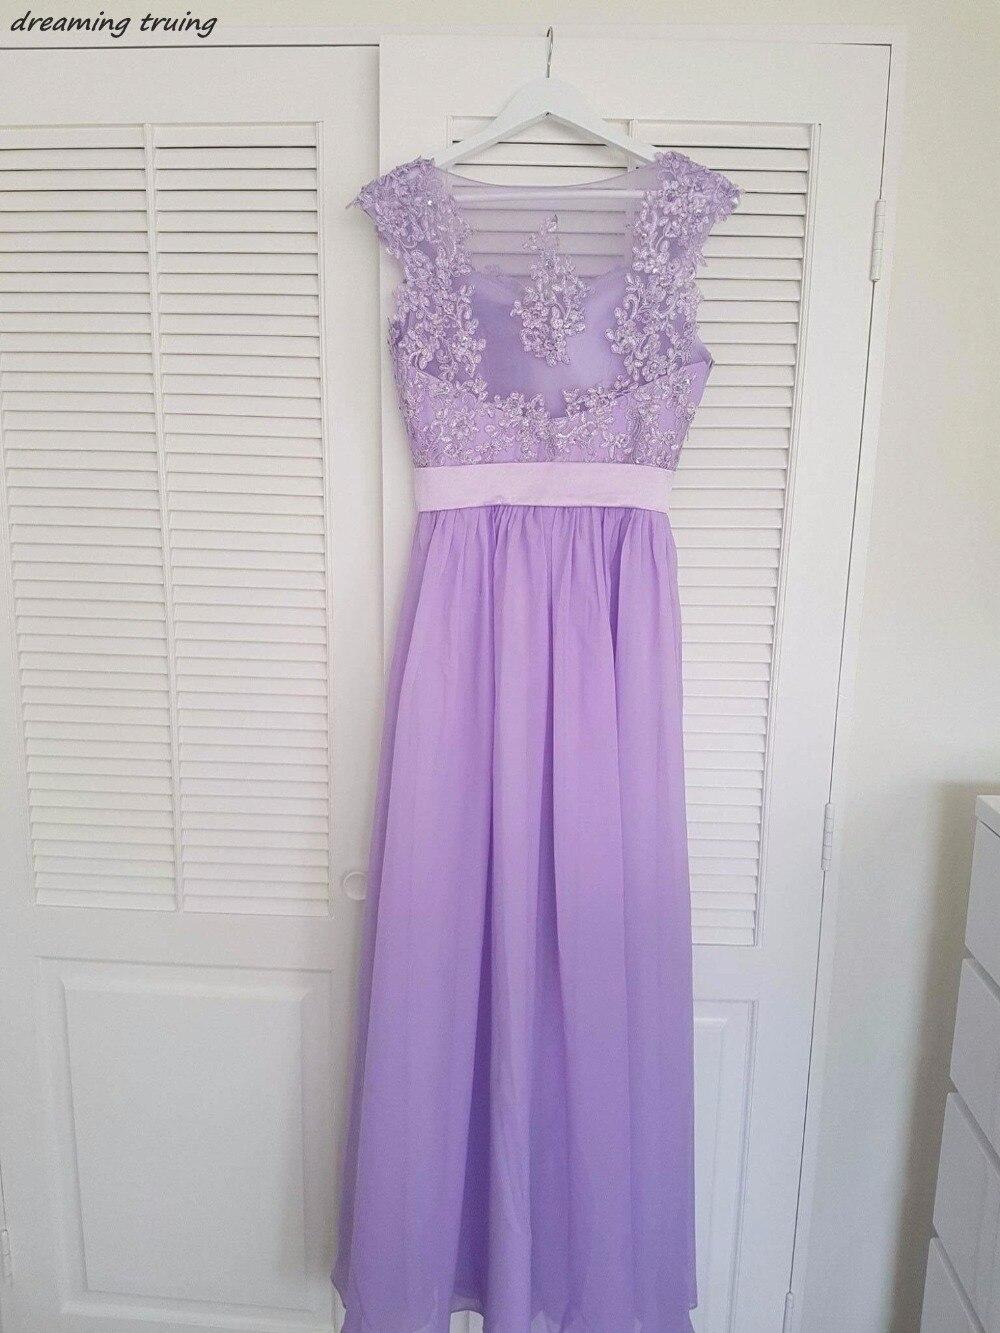 Robes de demoiselle d'honneur lavande bon marché Vestido de festa voir à travers le dos longues appliques plage violet clair robes de mariée - 4